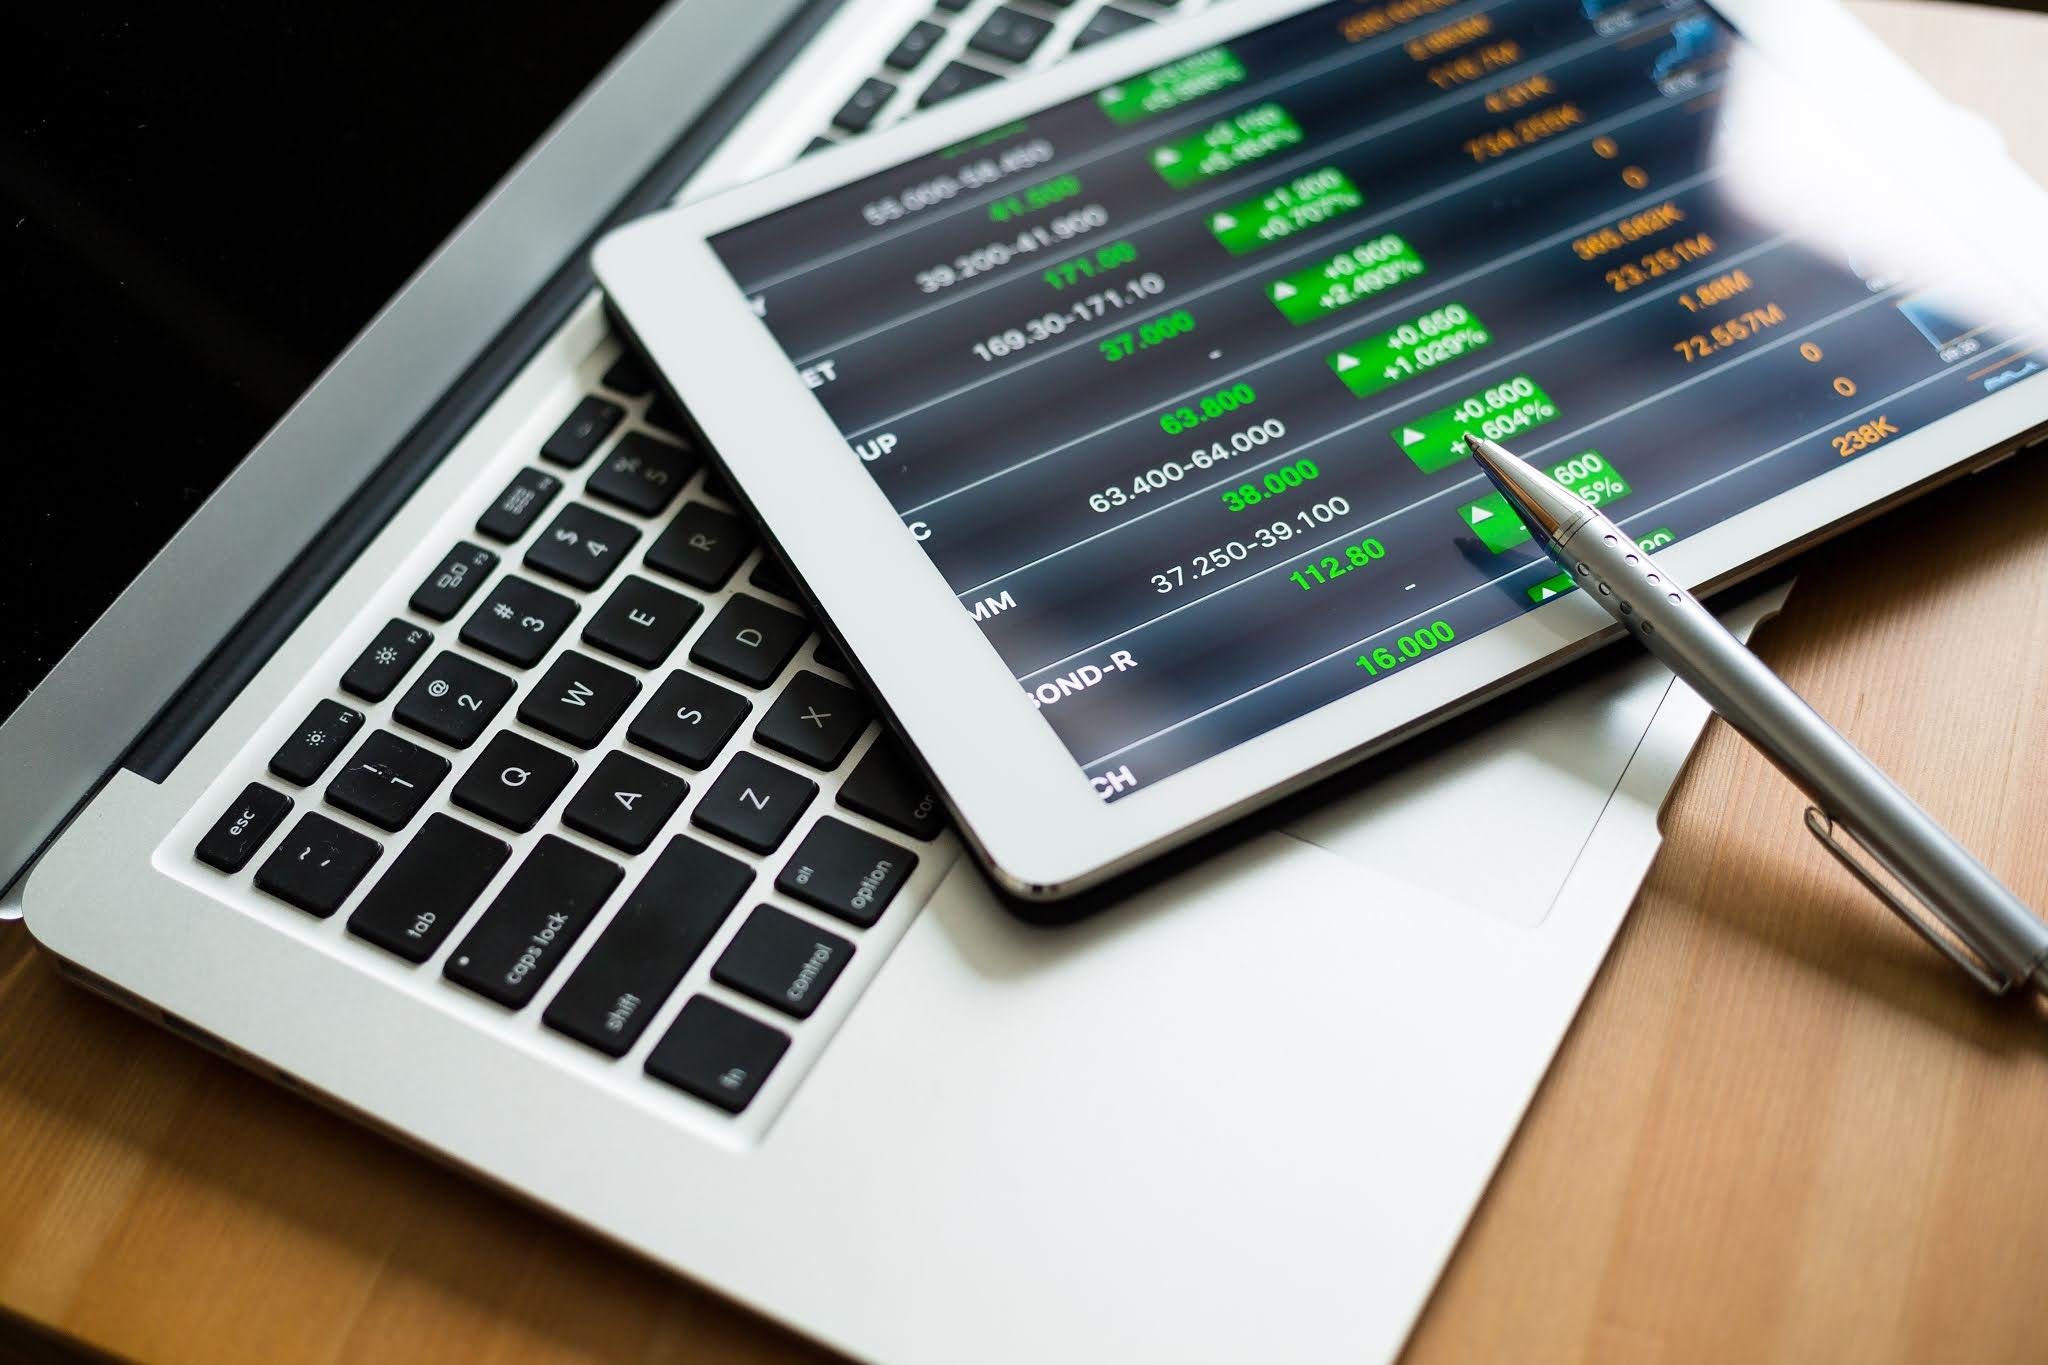 148.5 مليار دولار حجم سوق التجارة الالكترونية للمنطقة 2022